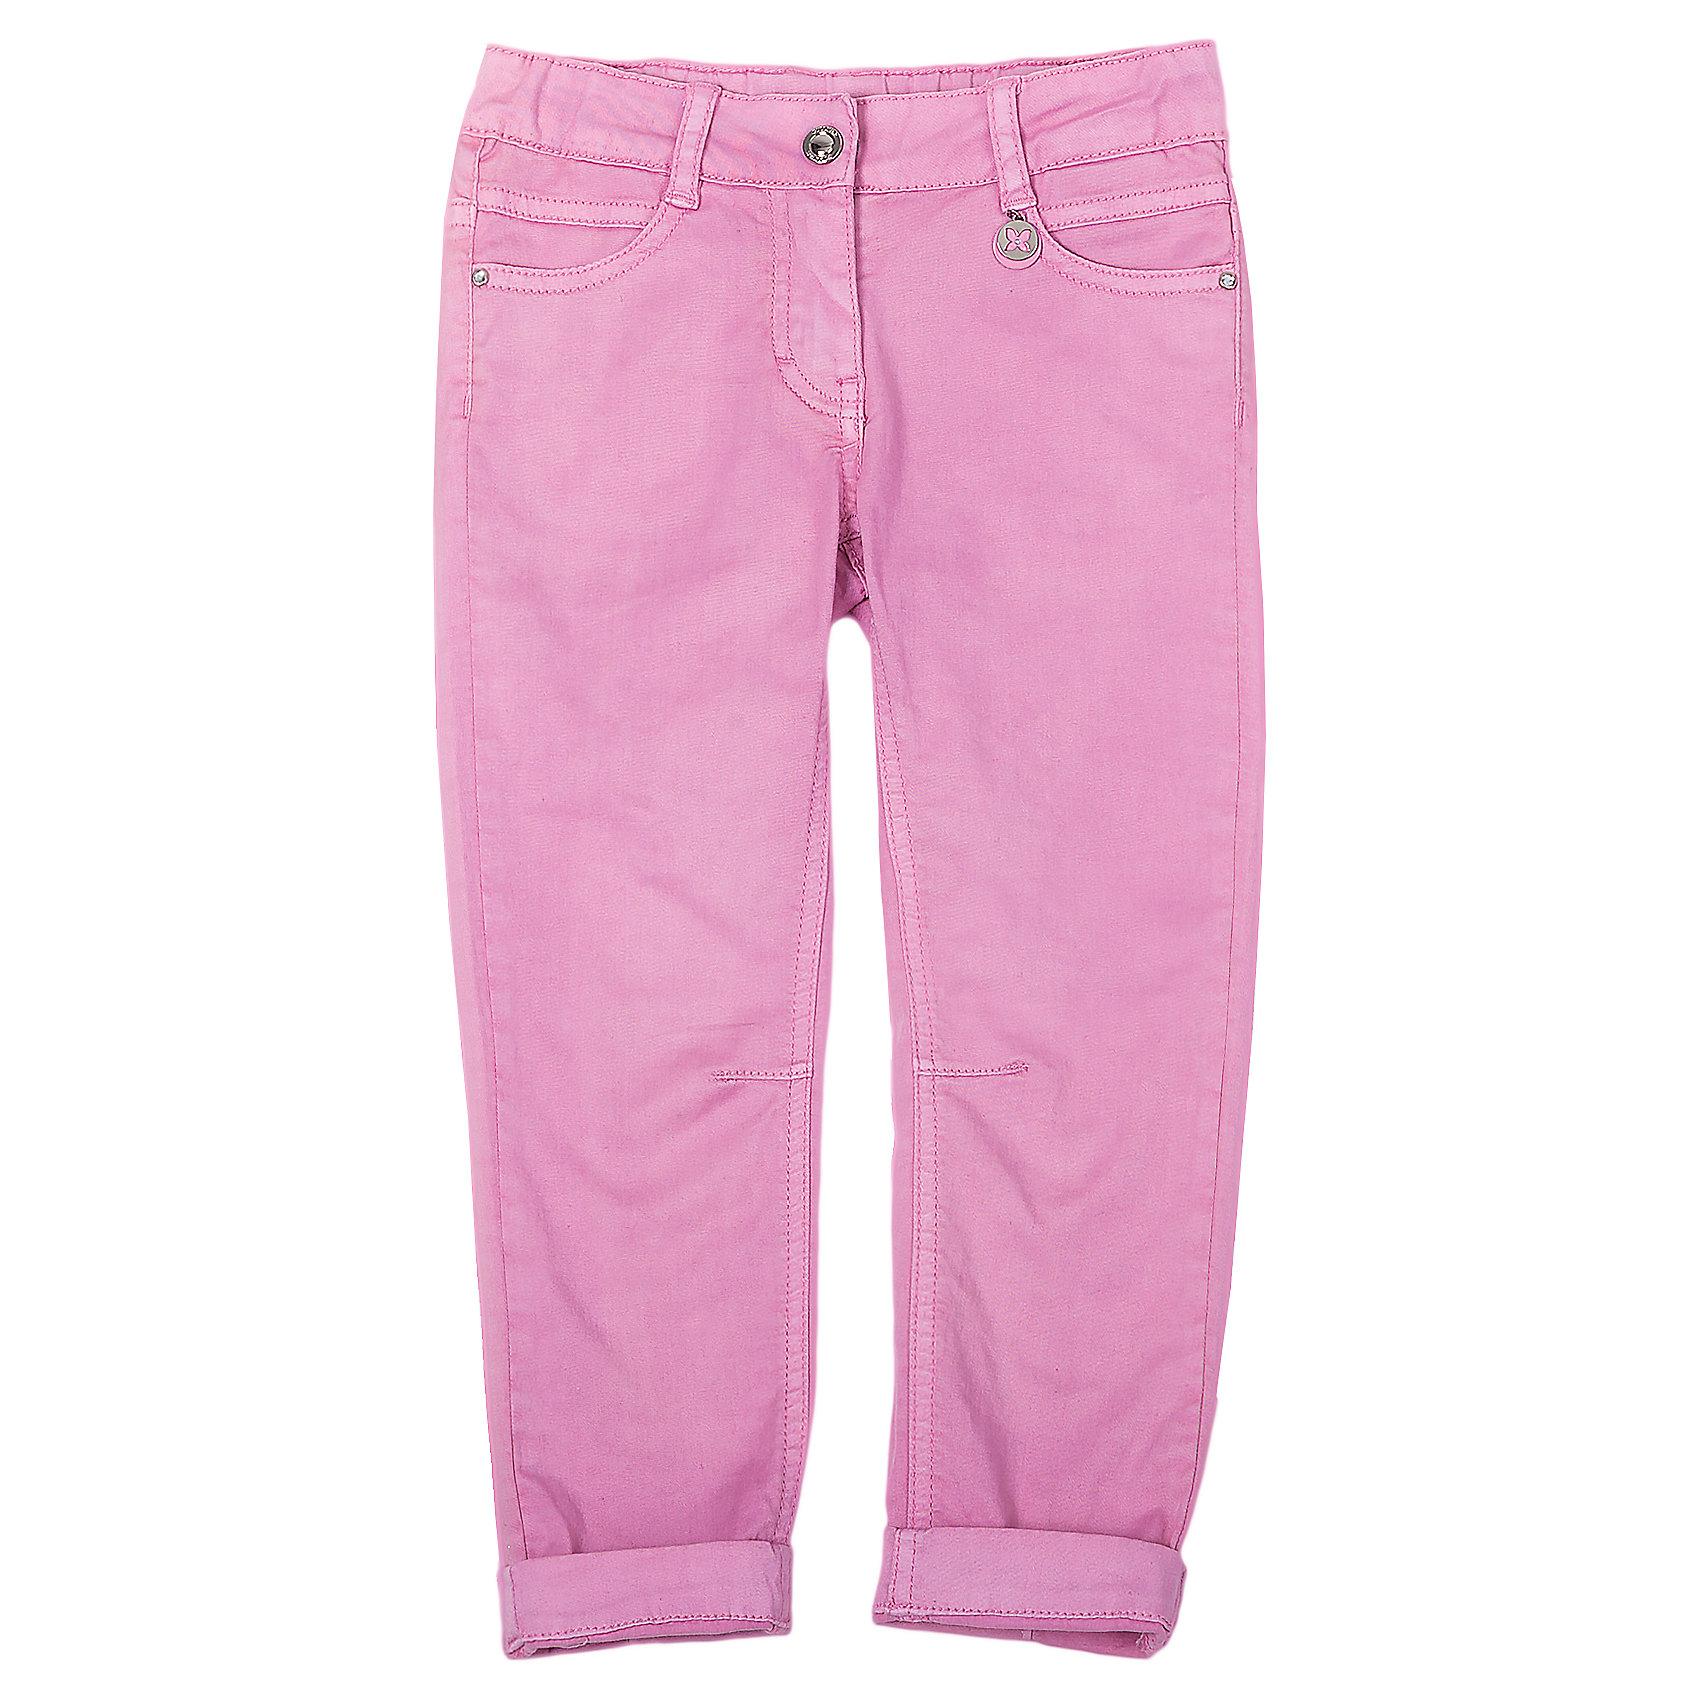 Брюки для девочки GulliverБрюки<br>Розовые брюки Gulliver (Гулливер) - базовая вещь летнего гардероба девочки. Стильные брючки отлично сочетаются с вещами из коллекции Волшебницы Winx. С их помощью Вы сможете создать и повседневный и праздничный образ. Брюки slim силуэта с подворотами выглядят очень модно. Они создадут отличное настроение и сделают любой образ ярче. Брюки выполнены из хлопка, поэтому девочке будет максимально комфортно. Эластан в составе ткани обеспечивает красивую комфортную посадку изделия на фигуре. Девочки будут в восторге от симпатичного металлического брелка и стразов, использованных при оформлении. <br><br>Дополнительная информация:<br><br>- Розовые джинсы;<br>- Стильный дизайн;<br>- Состав: 98% хлопок, 2% эластан;<br>- Отлично сочетаются с моделями из коллекции Волшебницы Winx;<br>- Цвет: розовый<br><br>Брюки для девочки Gulliver (Гулливер) можно купить в нашем интернет-магазине.<br><br>Ширина мм: 215<br>Глубина мм: 88<br>Высота мм: 191<br>Вес г: 336<br>Цвет: розовый<br>Возраст от месяцев: 24<br>Возраст до месяцев: 36<br>Пол: Женский<br>Возраст: Детский<br>Размер: 98,104,116,92,122,110<br>SKU: 3995355